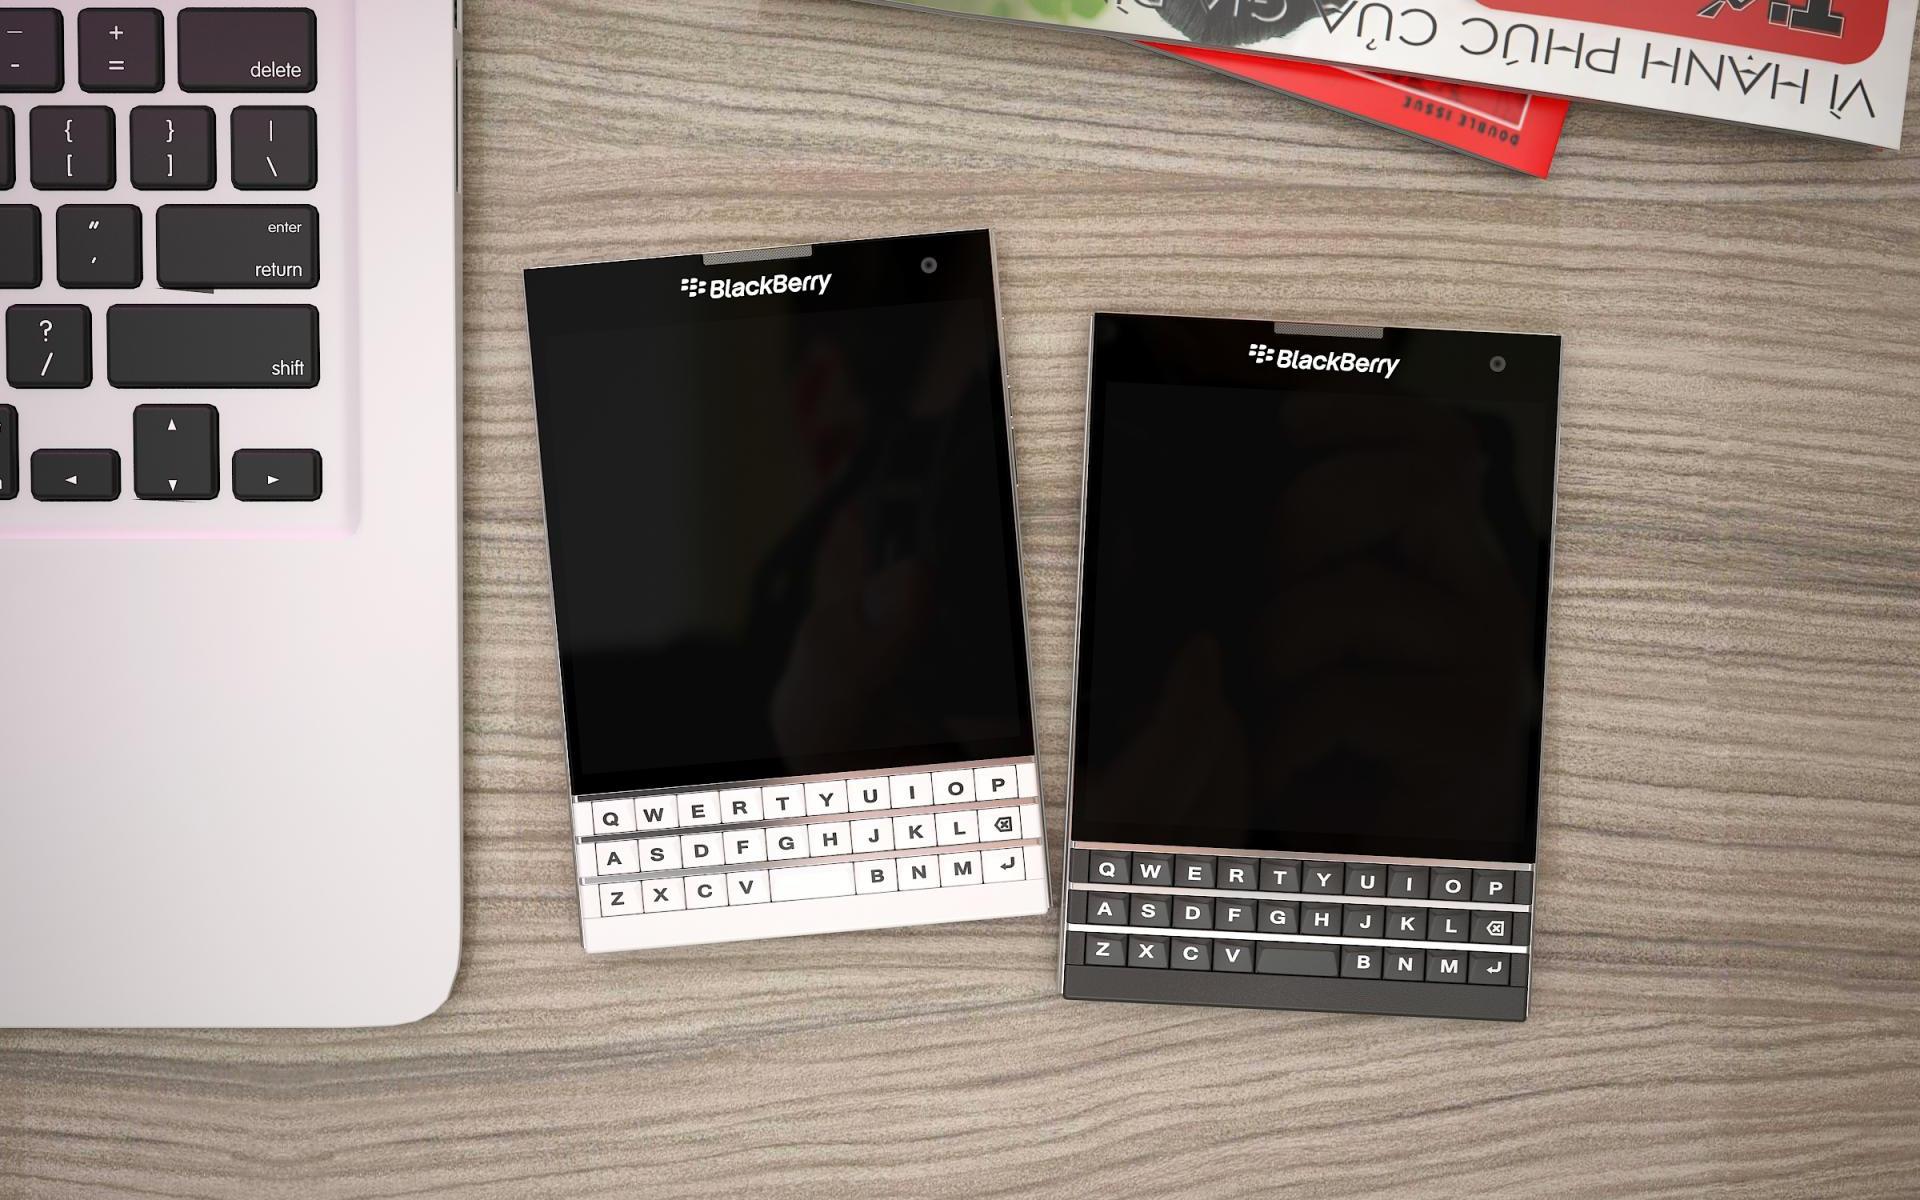 Картинки Паспорт Blackberry, сотовый телефон, смартфон фото и обои на рабочий стол